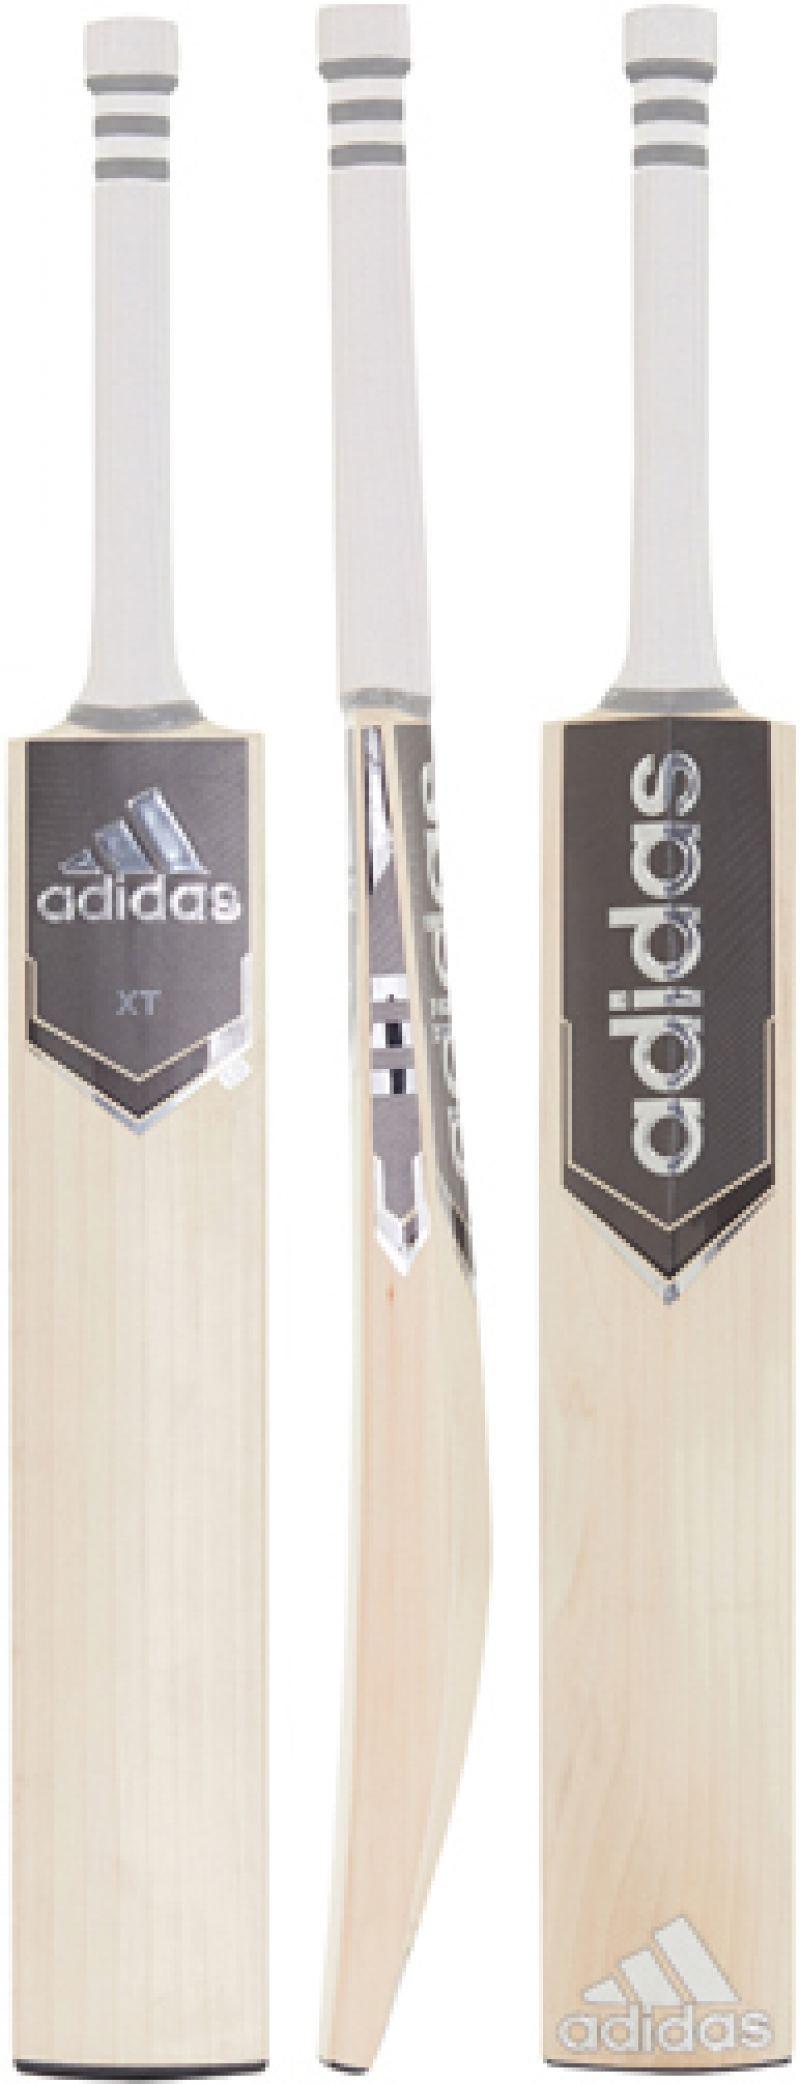 Adidas XT Grey 4.0 Cricket Bat